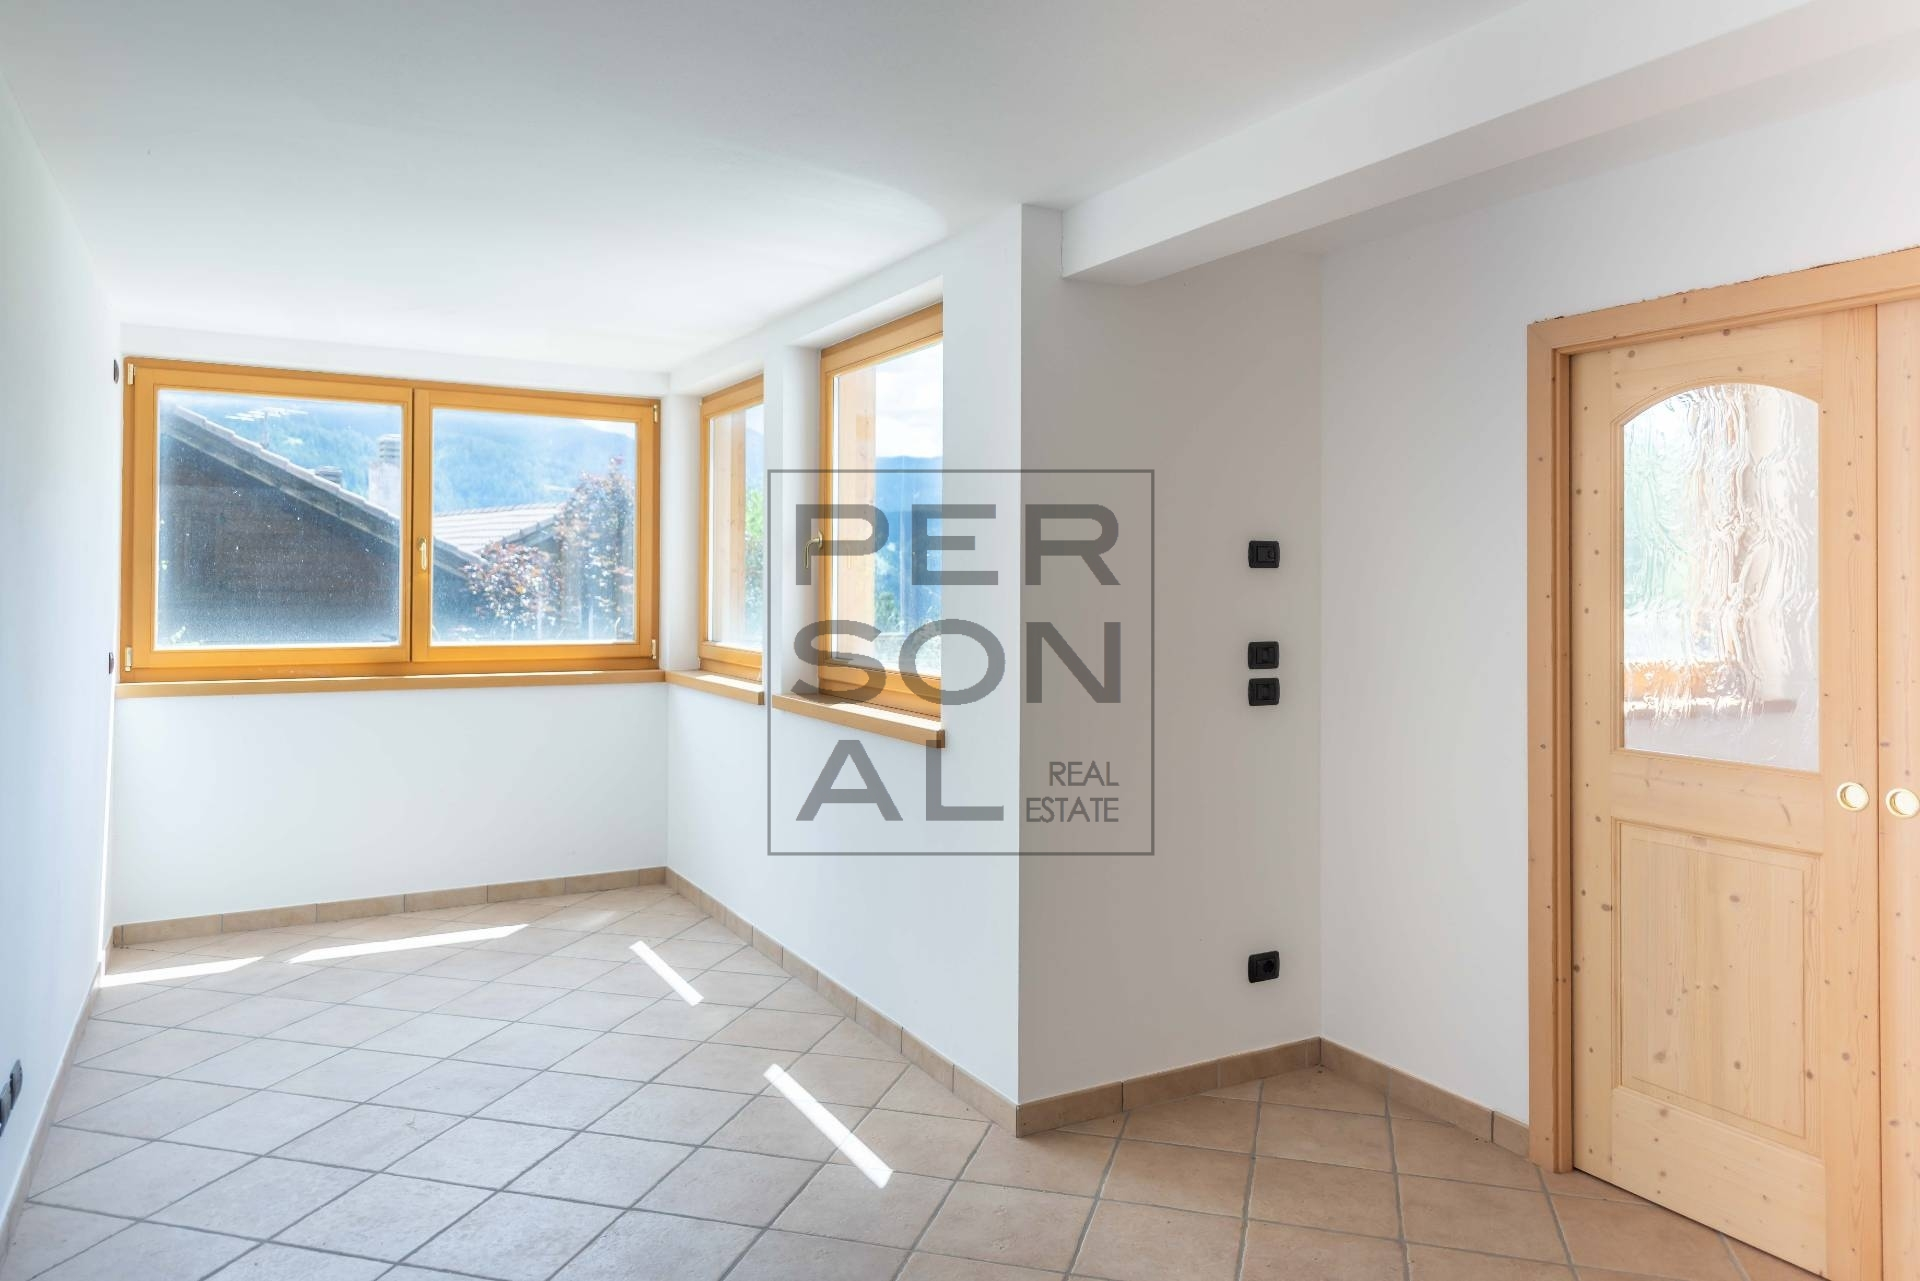 Foto appartamento in vendita a Cavalese (Trento)